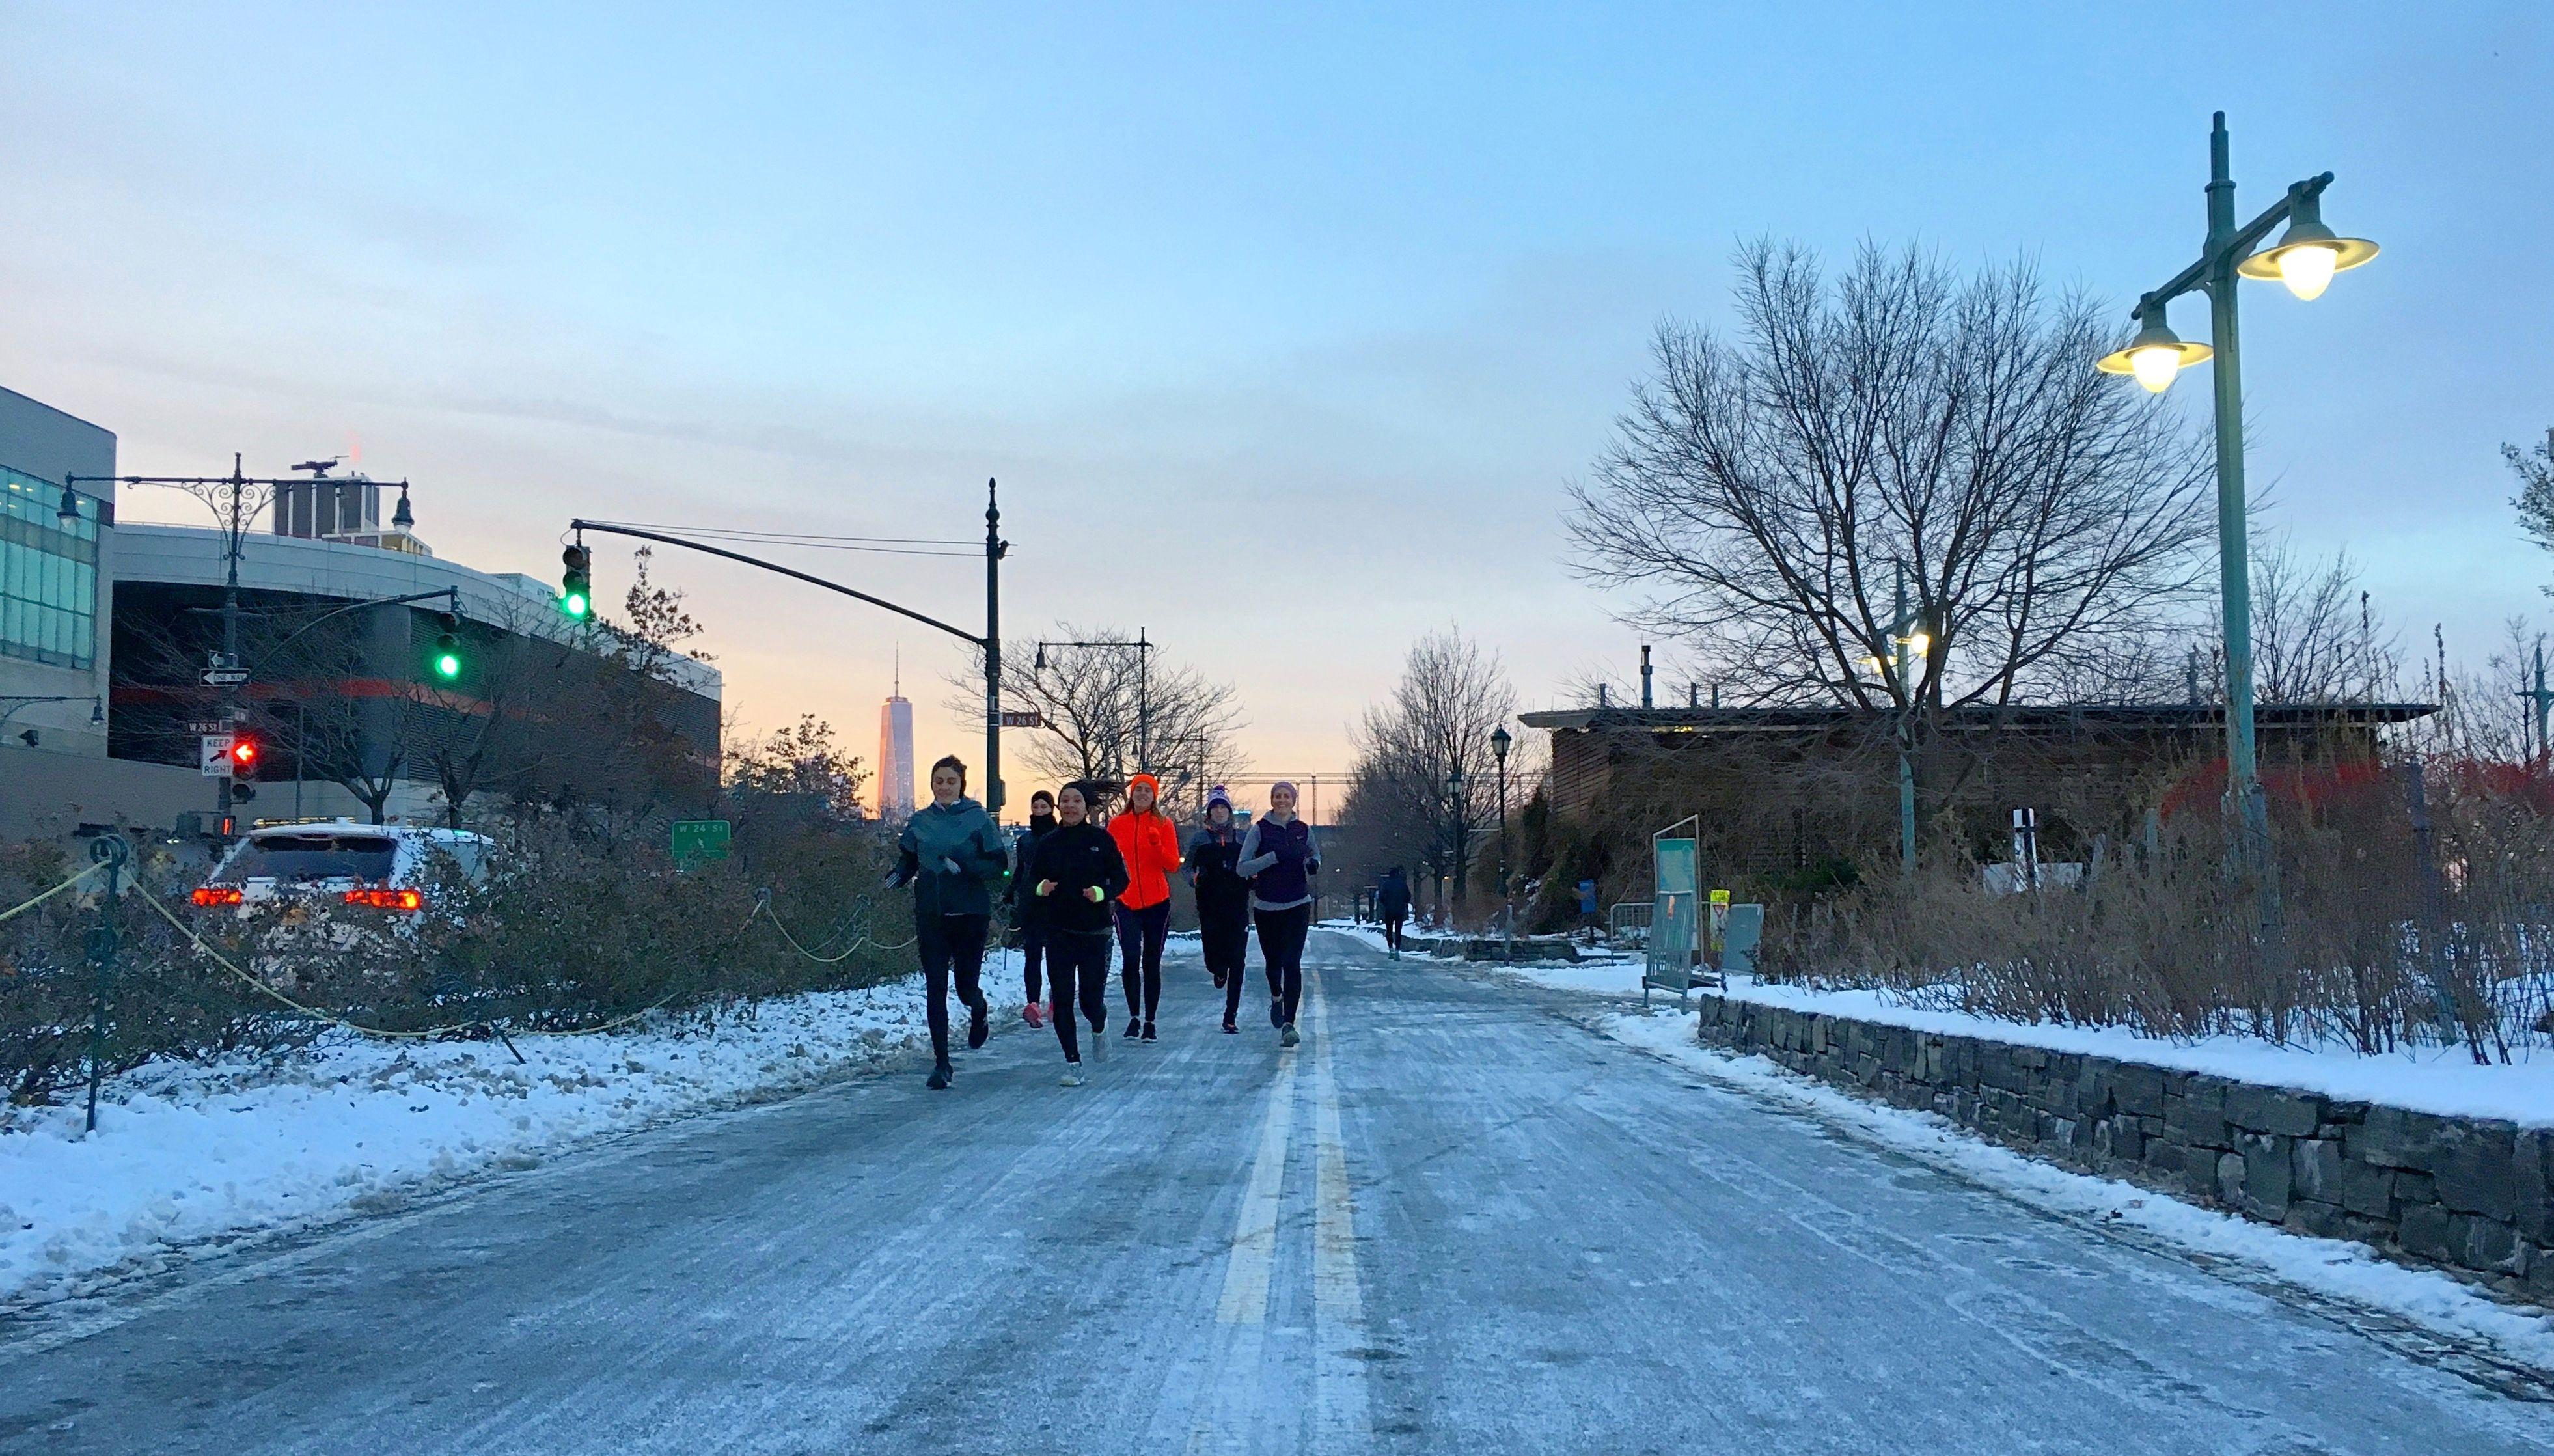 Outrun the cold.